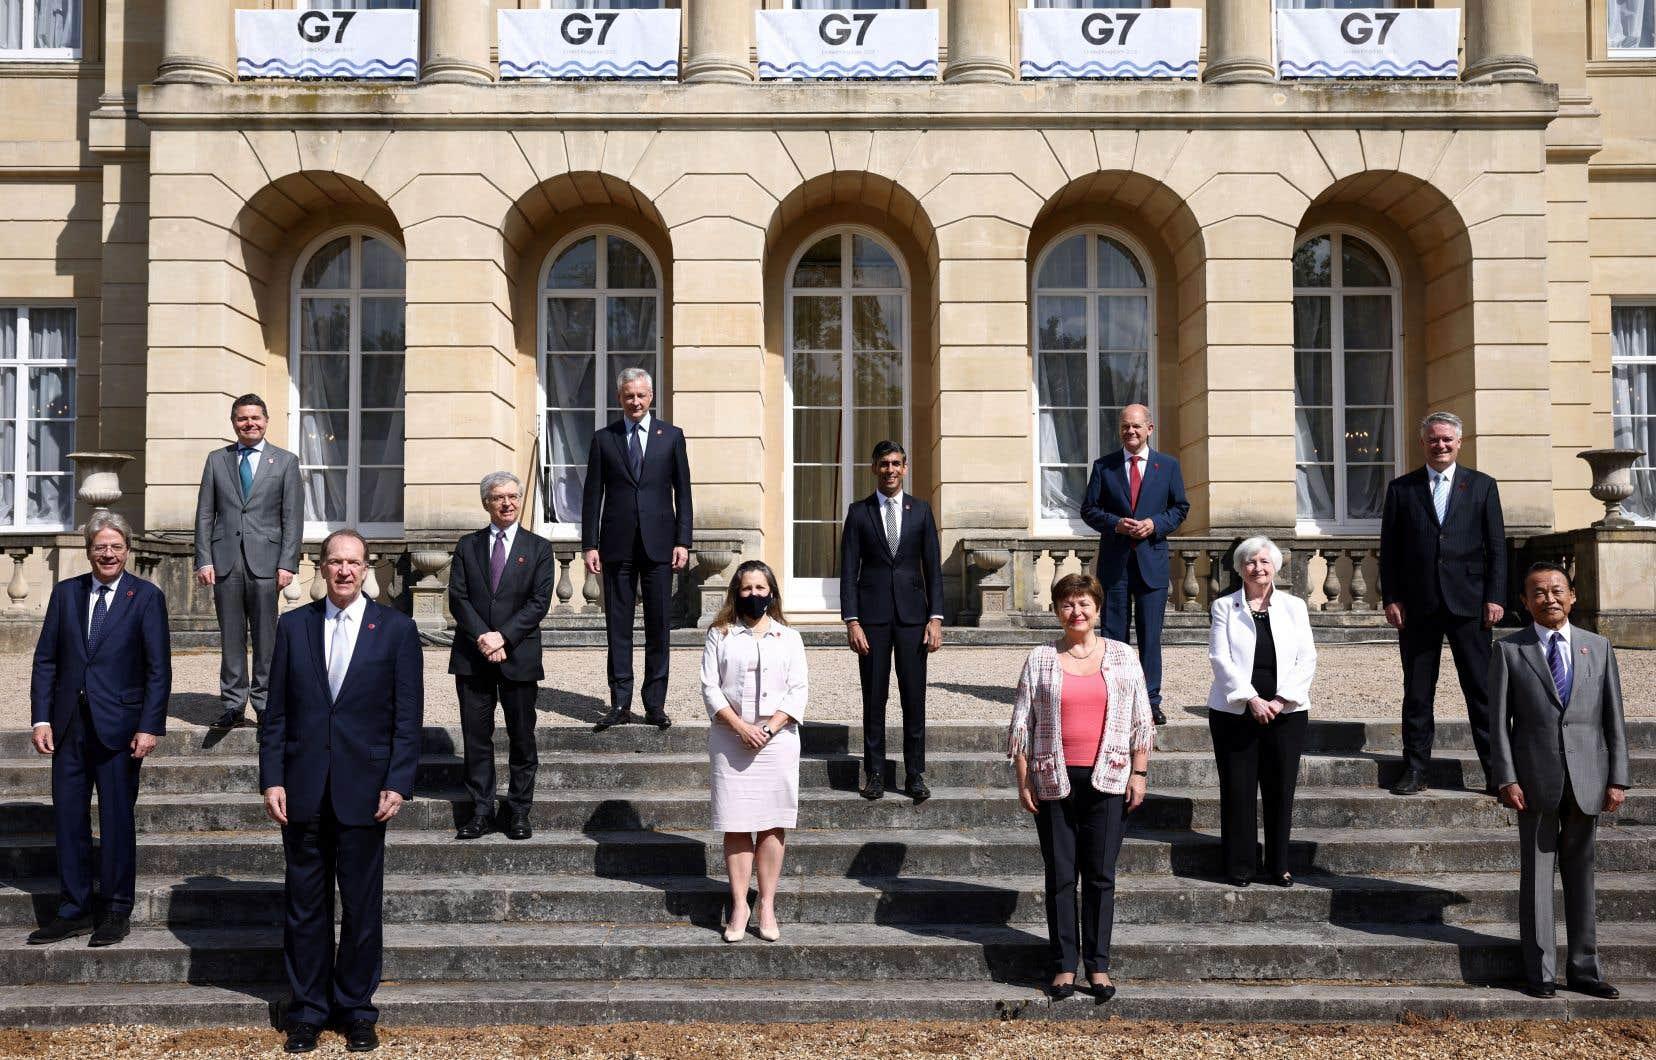 Les grandes puissances du G7 (Royaume-Uni, France, Italie Canada, Japon, Allemagne, États-Unis) étaient réunies samedi à Londres à l'occasion du G7 Finances.